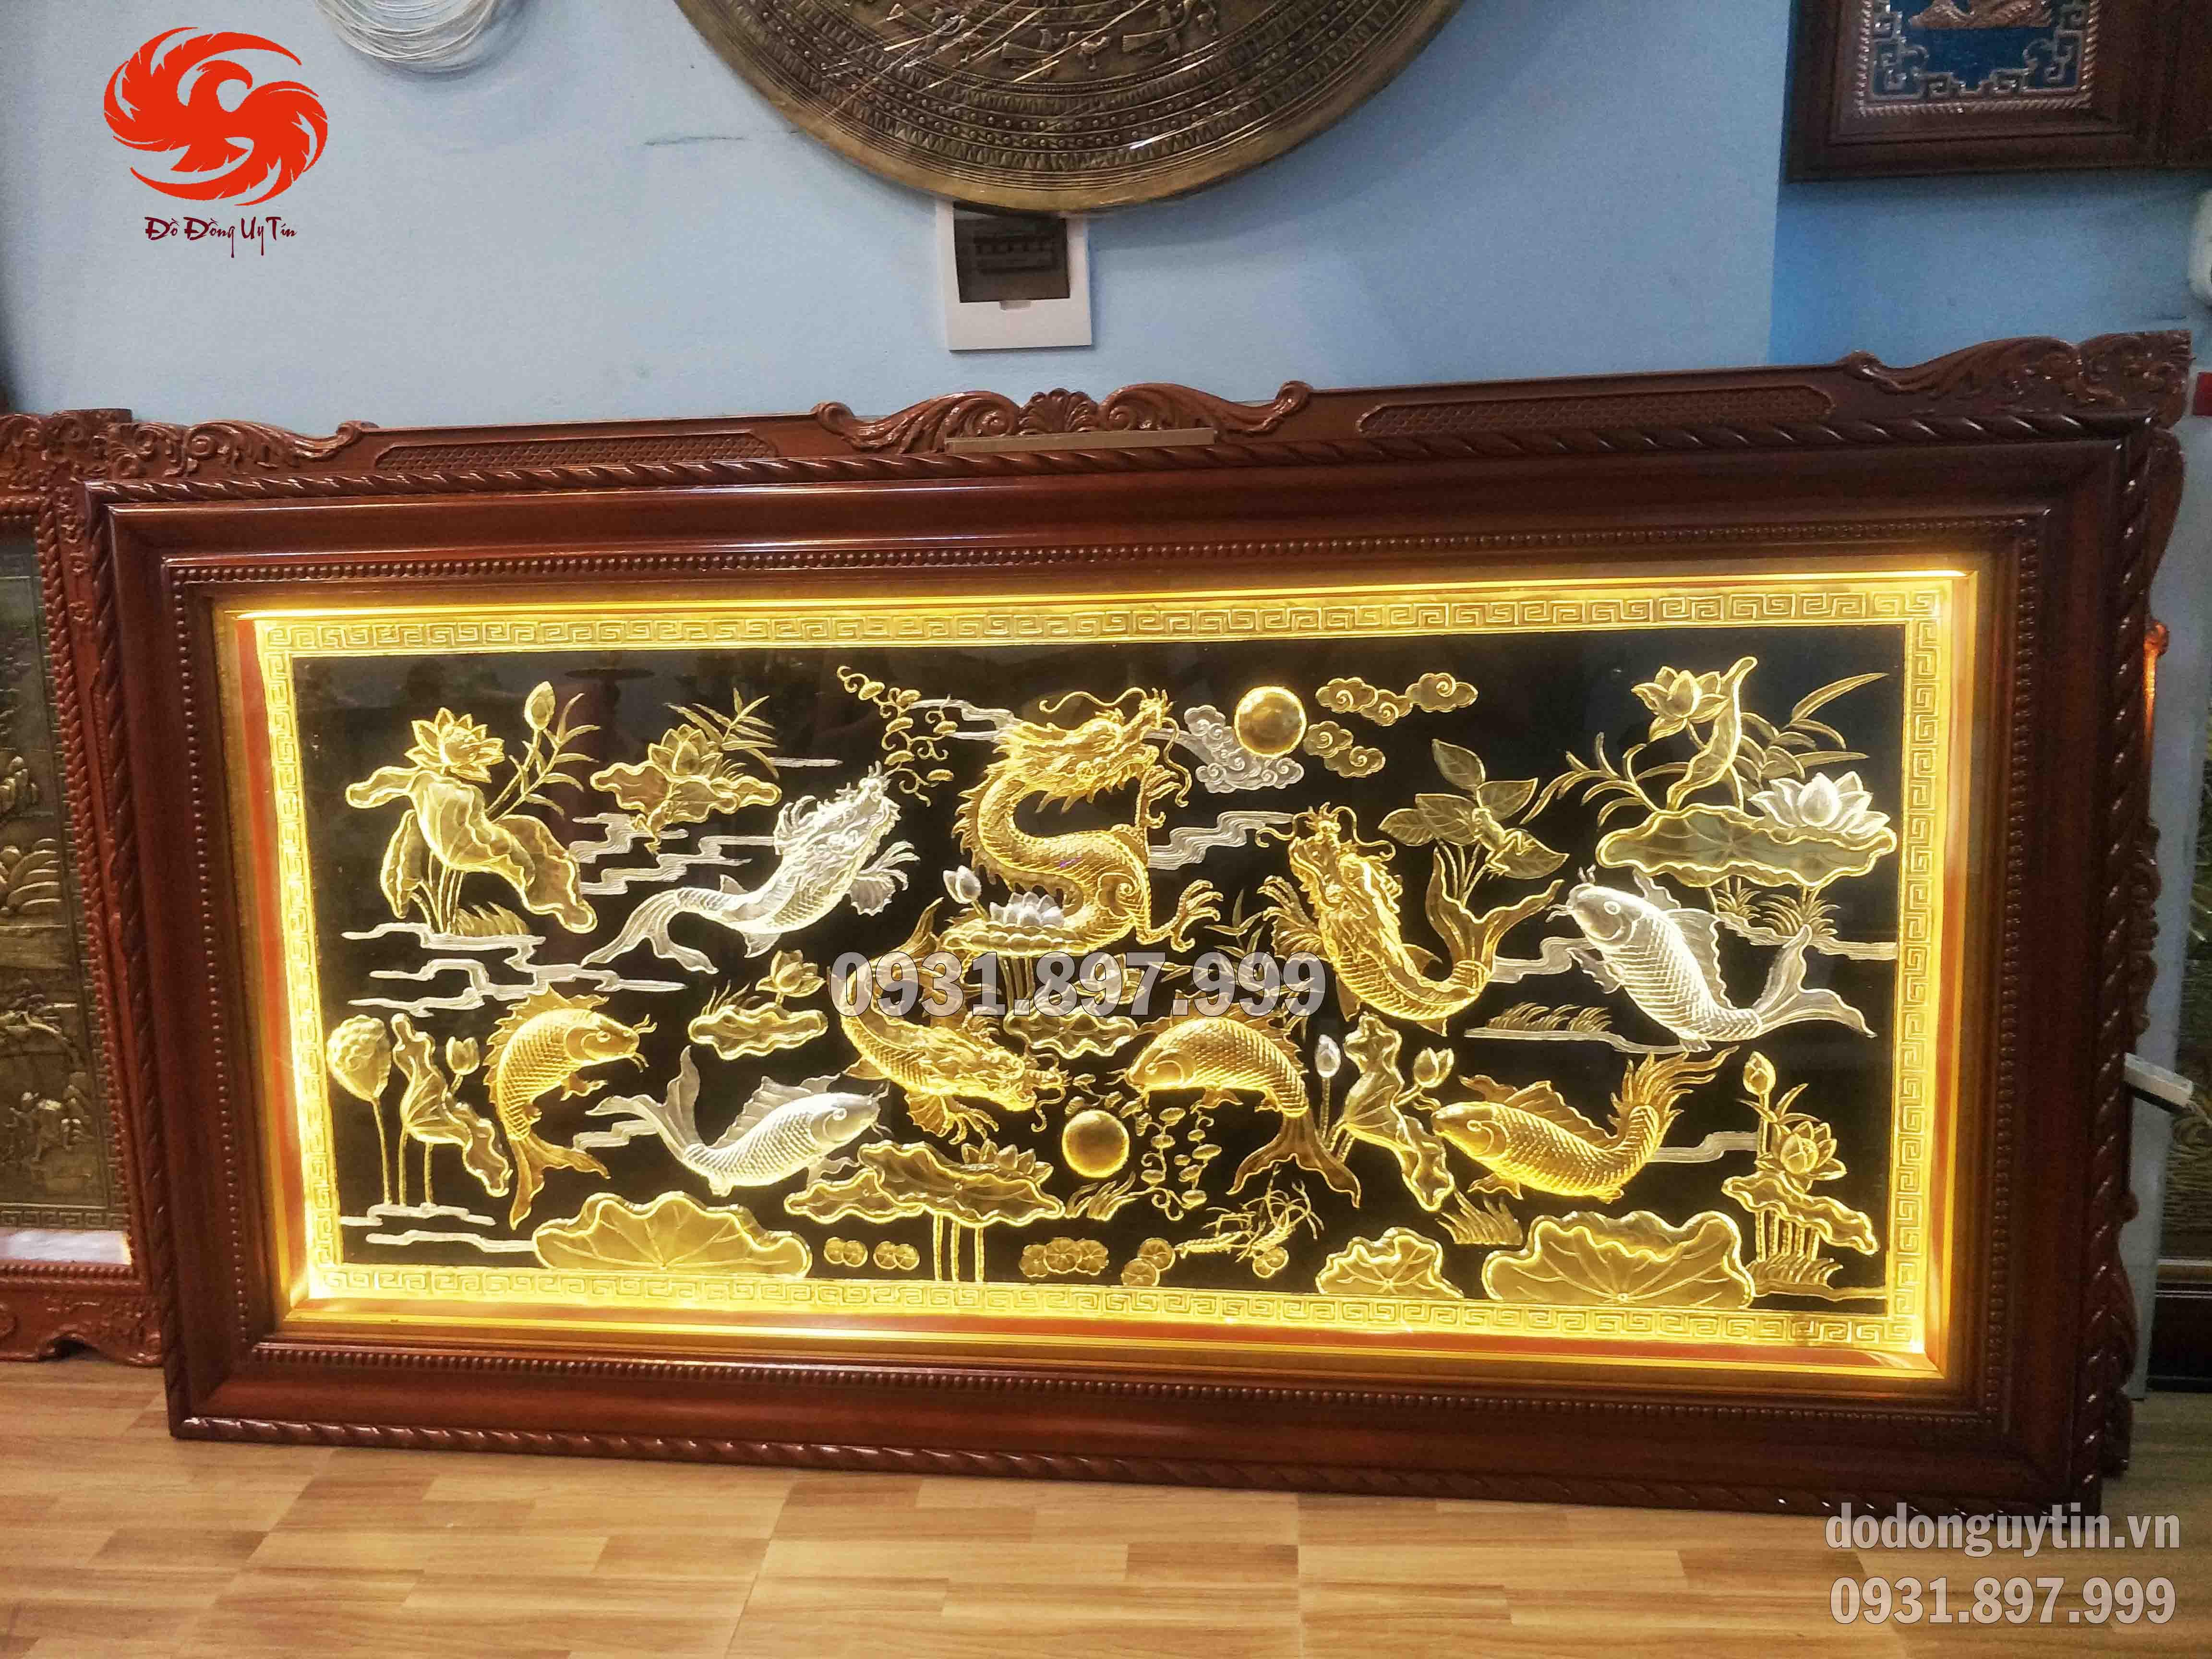 tranh đồng cá chép hóa rồng dát vàng 9999. Đồ đồng hoài ánh